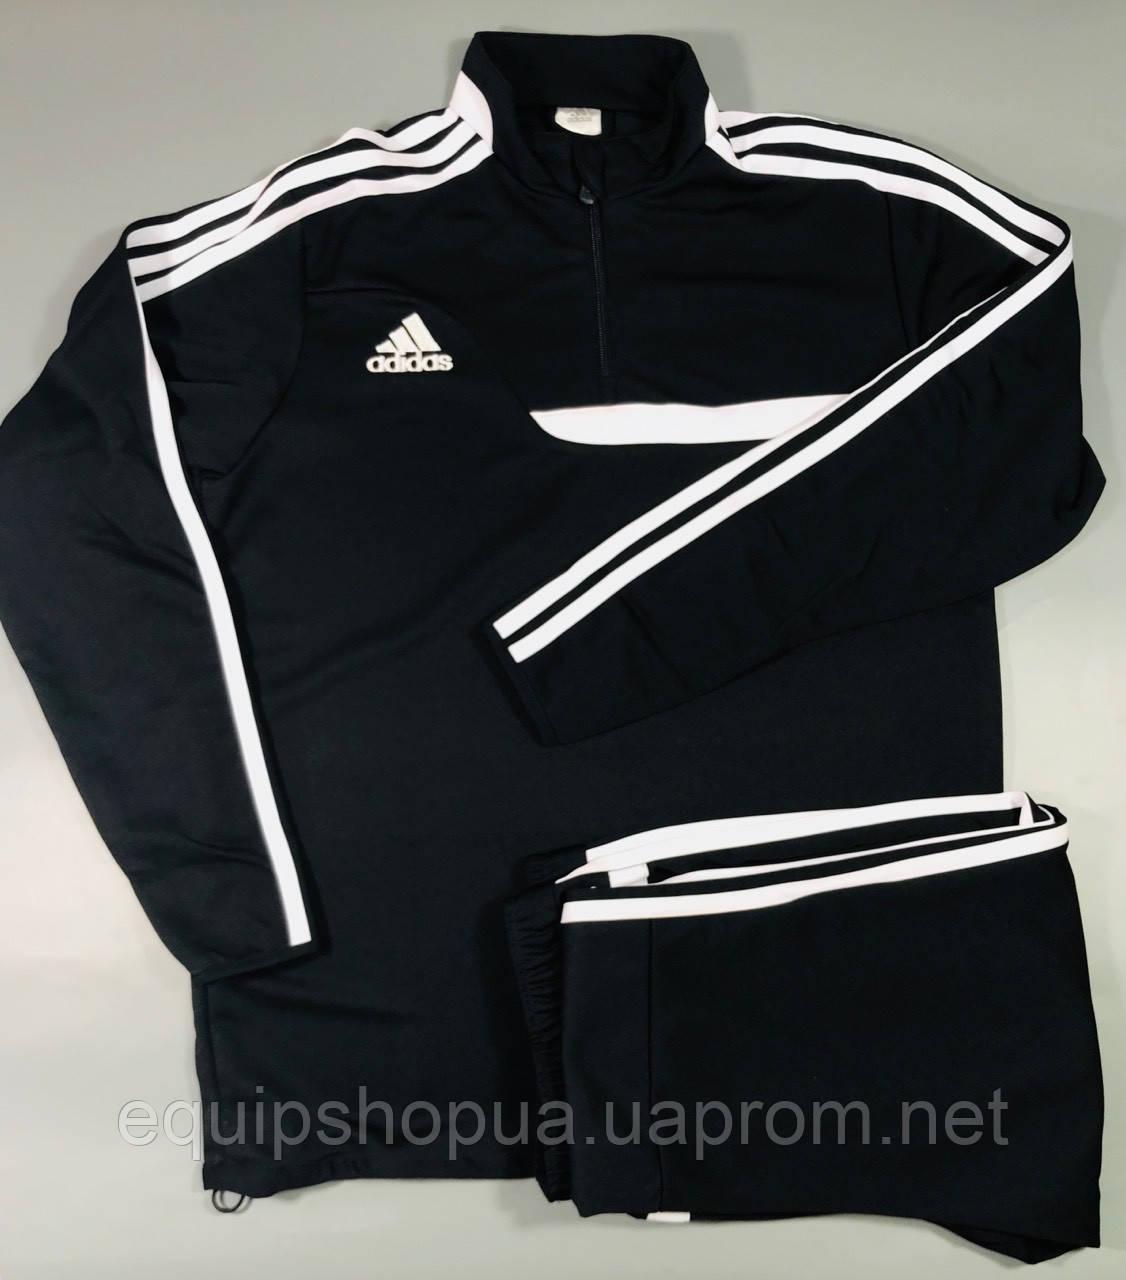 Костюм тренировочный Adidas Tiro 13 черный [S]